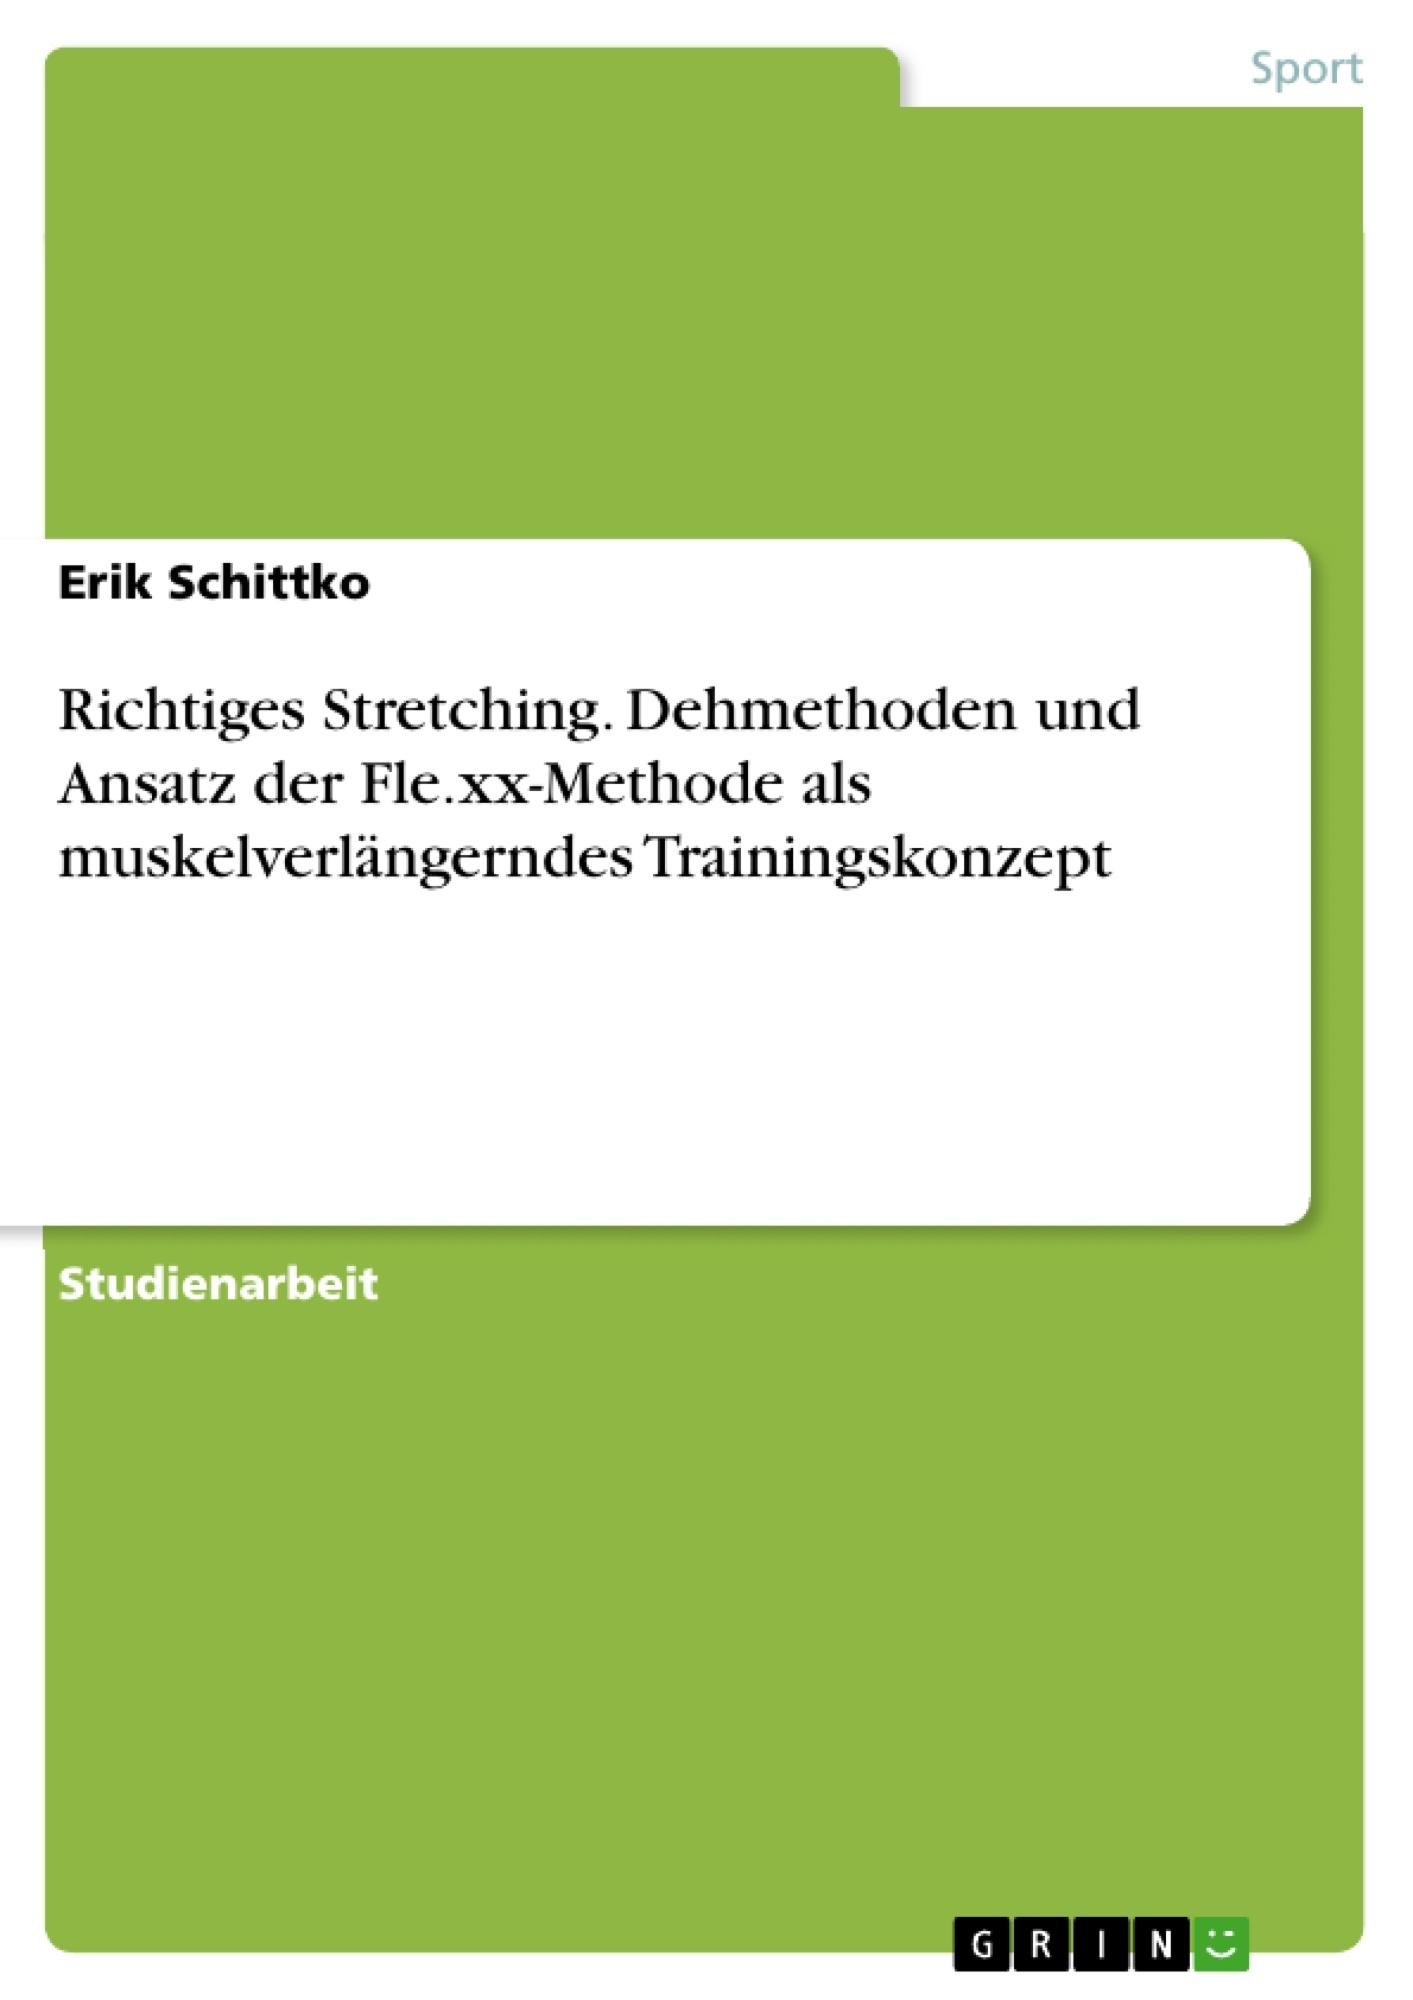 Titel: Richtiges Stretching. Dehmethoden und Ansatz der Fle.xx-Methode als muskelverlängerndes Trainingskonzept